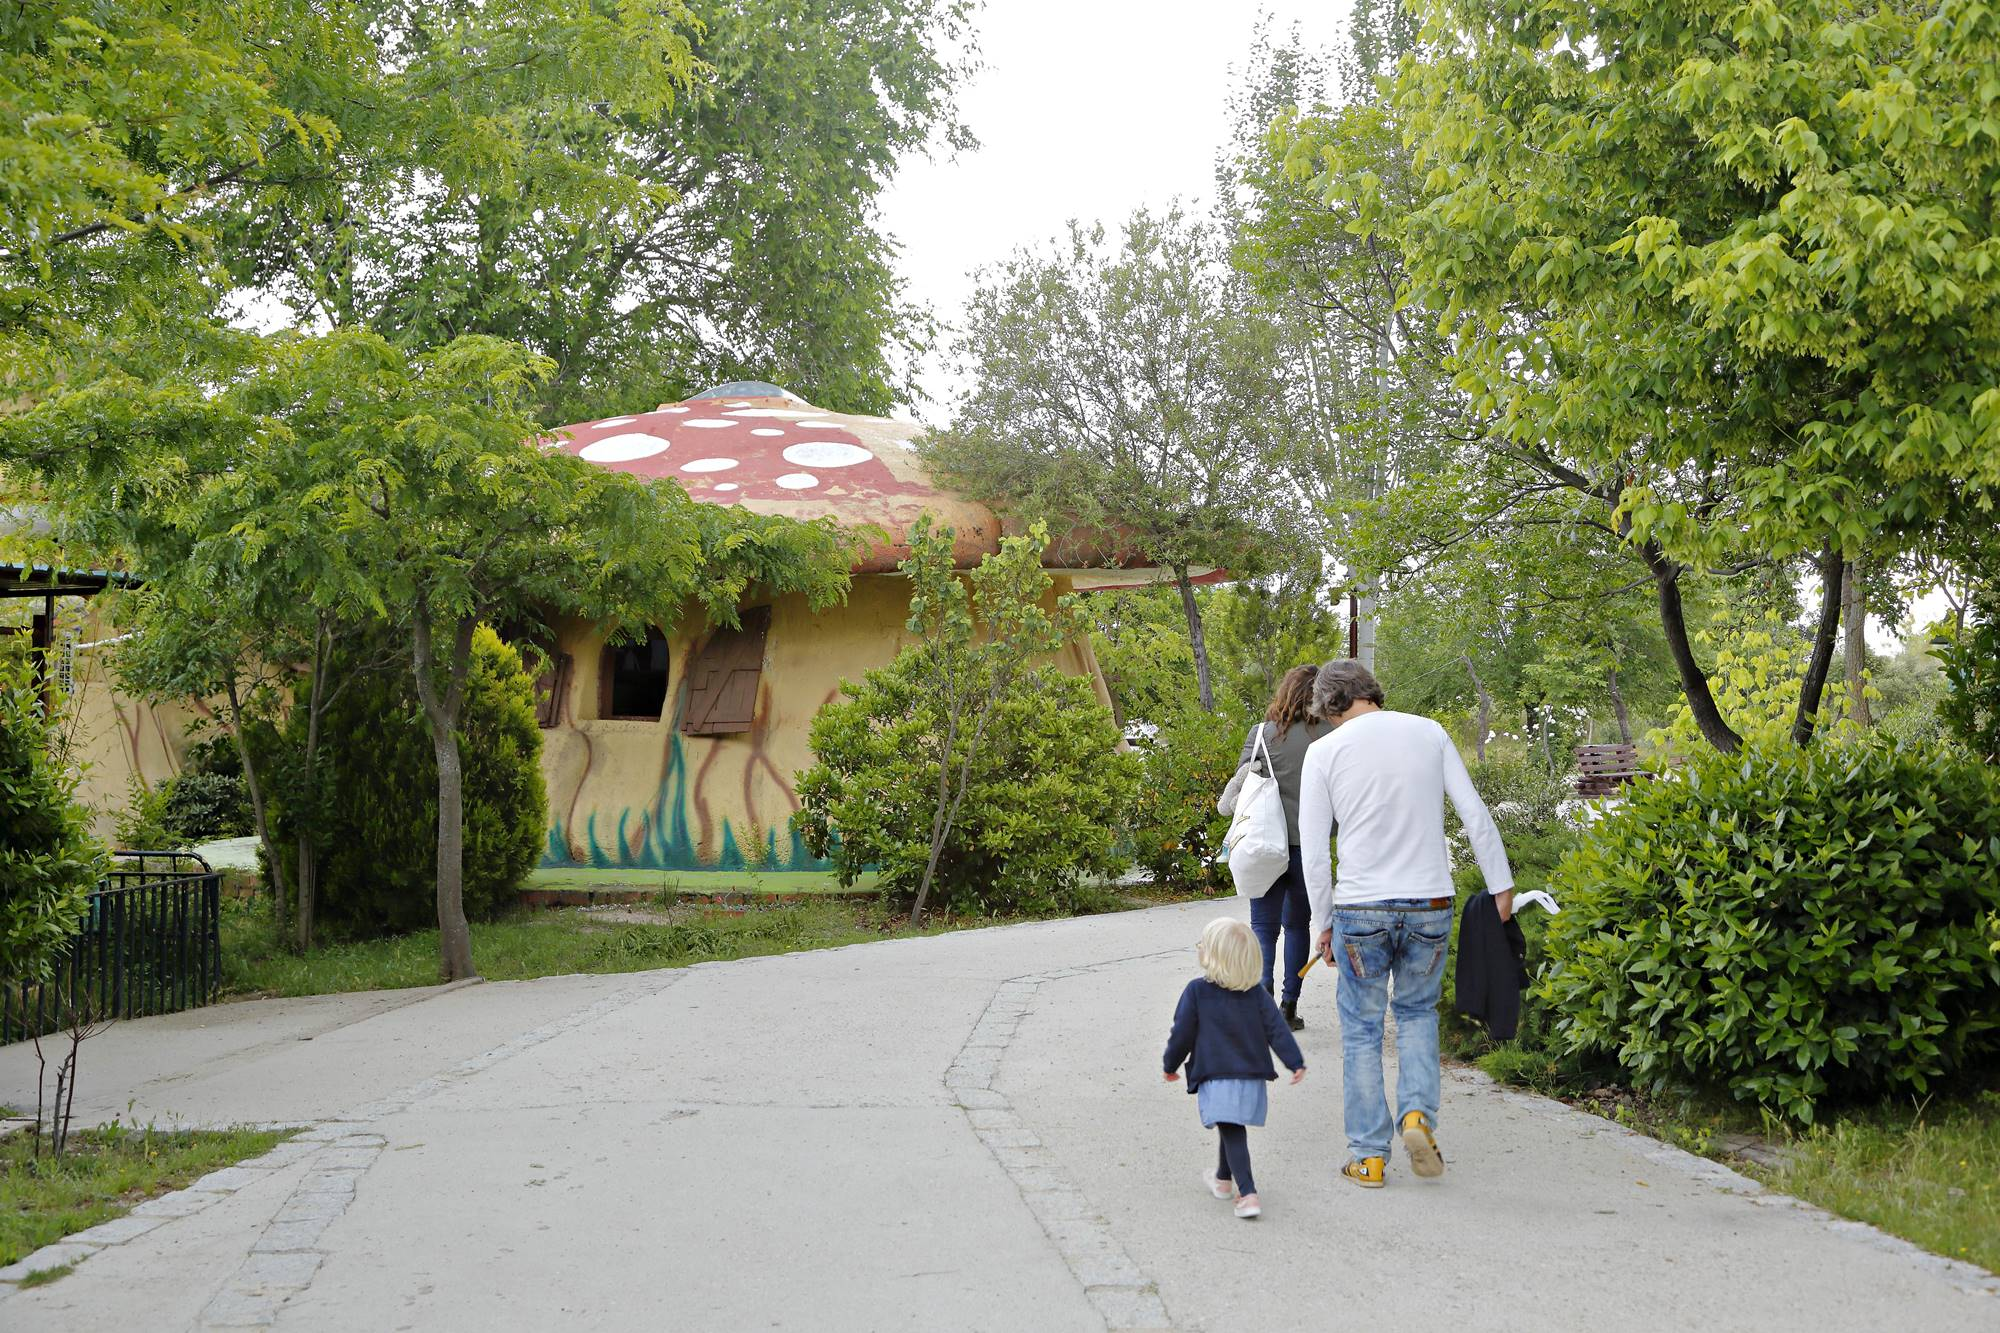 Los paseos de 'Giraluna', entre árboles y casetas de fantasía.